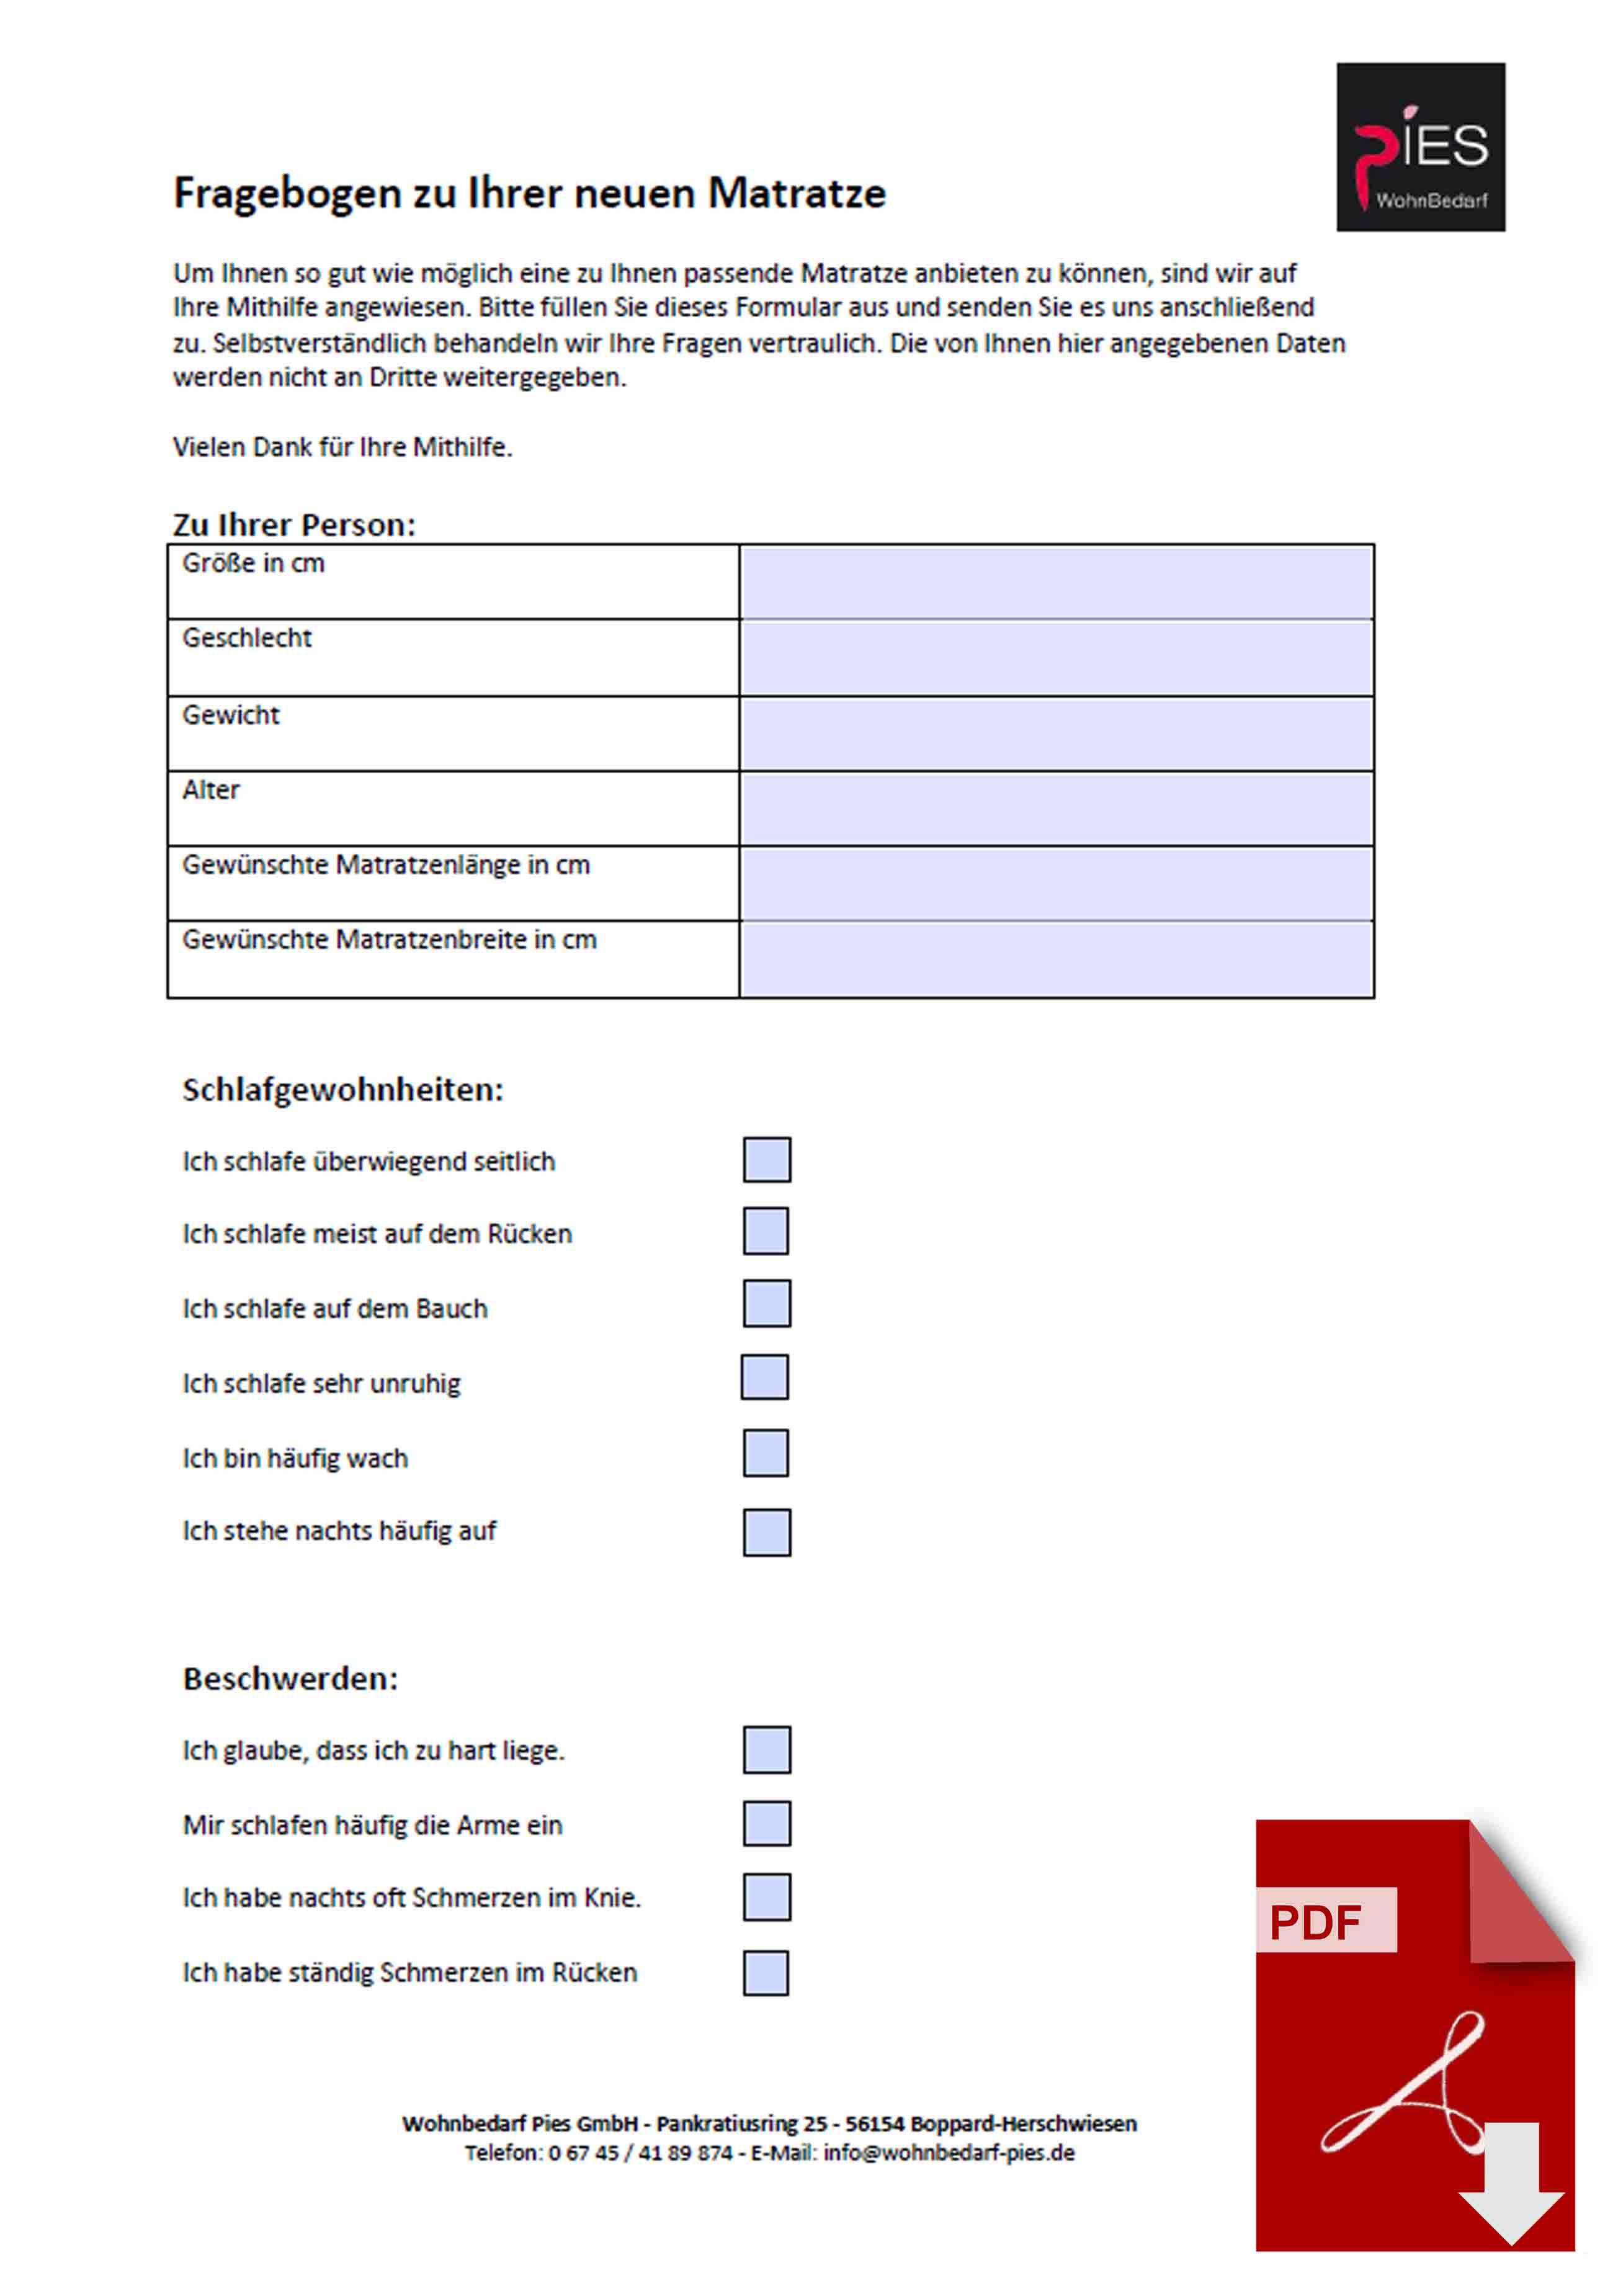 Fragebogen zu Matratzenkauf als ausfüllbares PDF